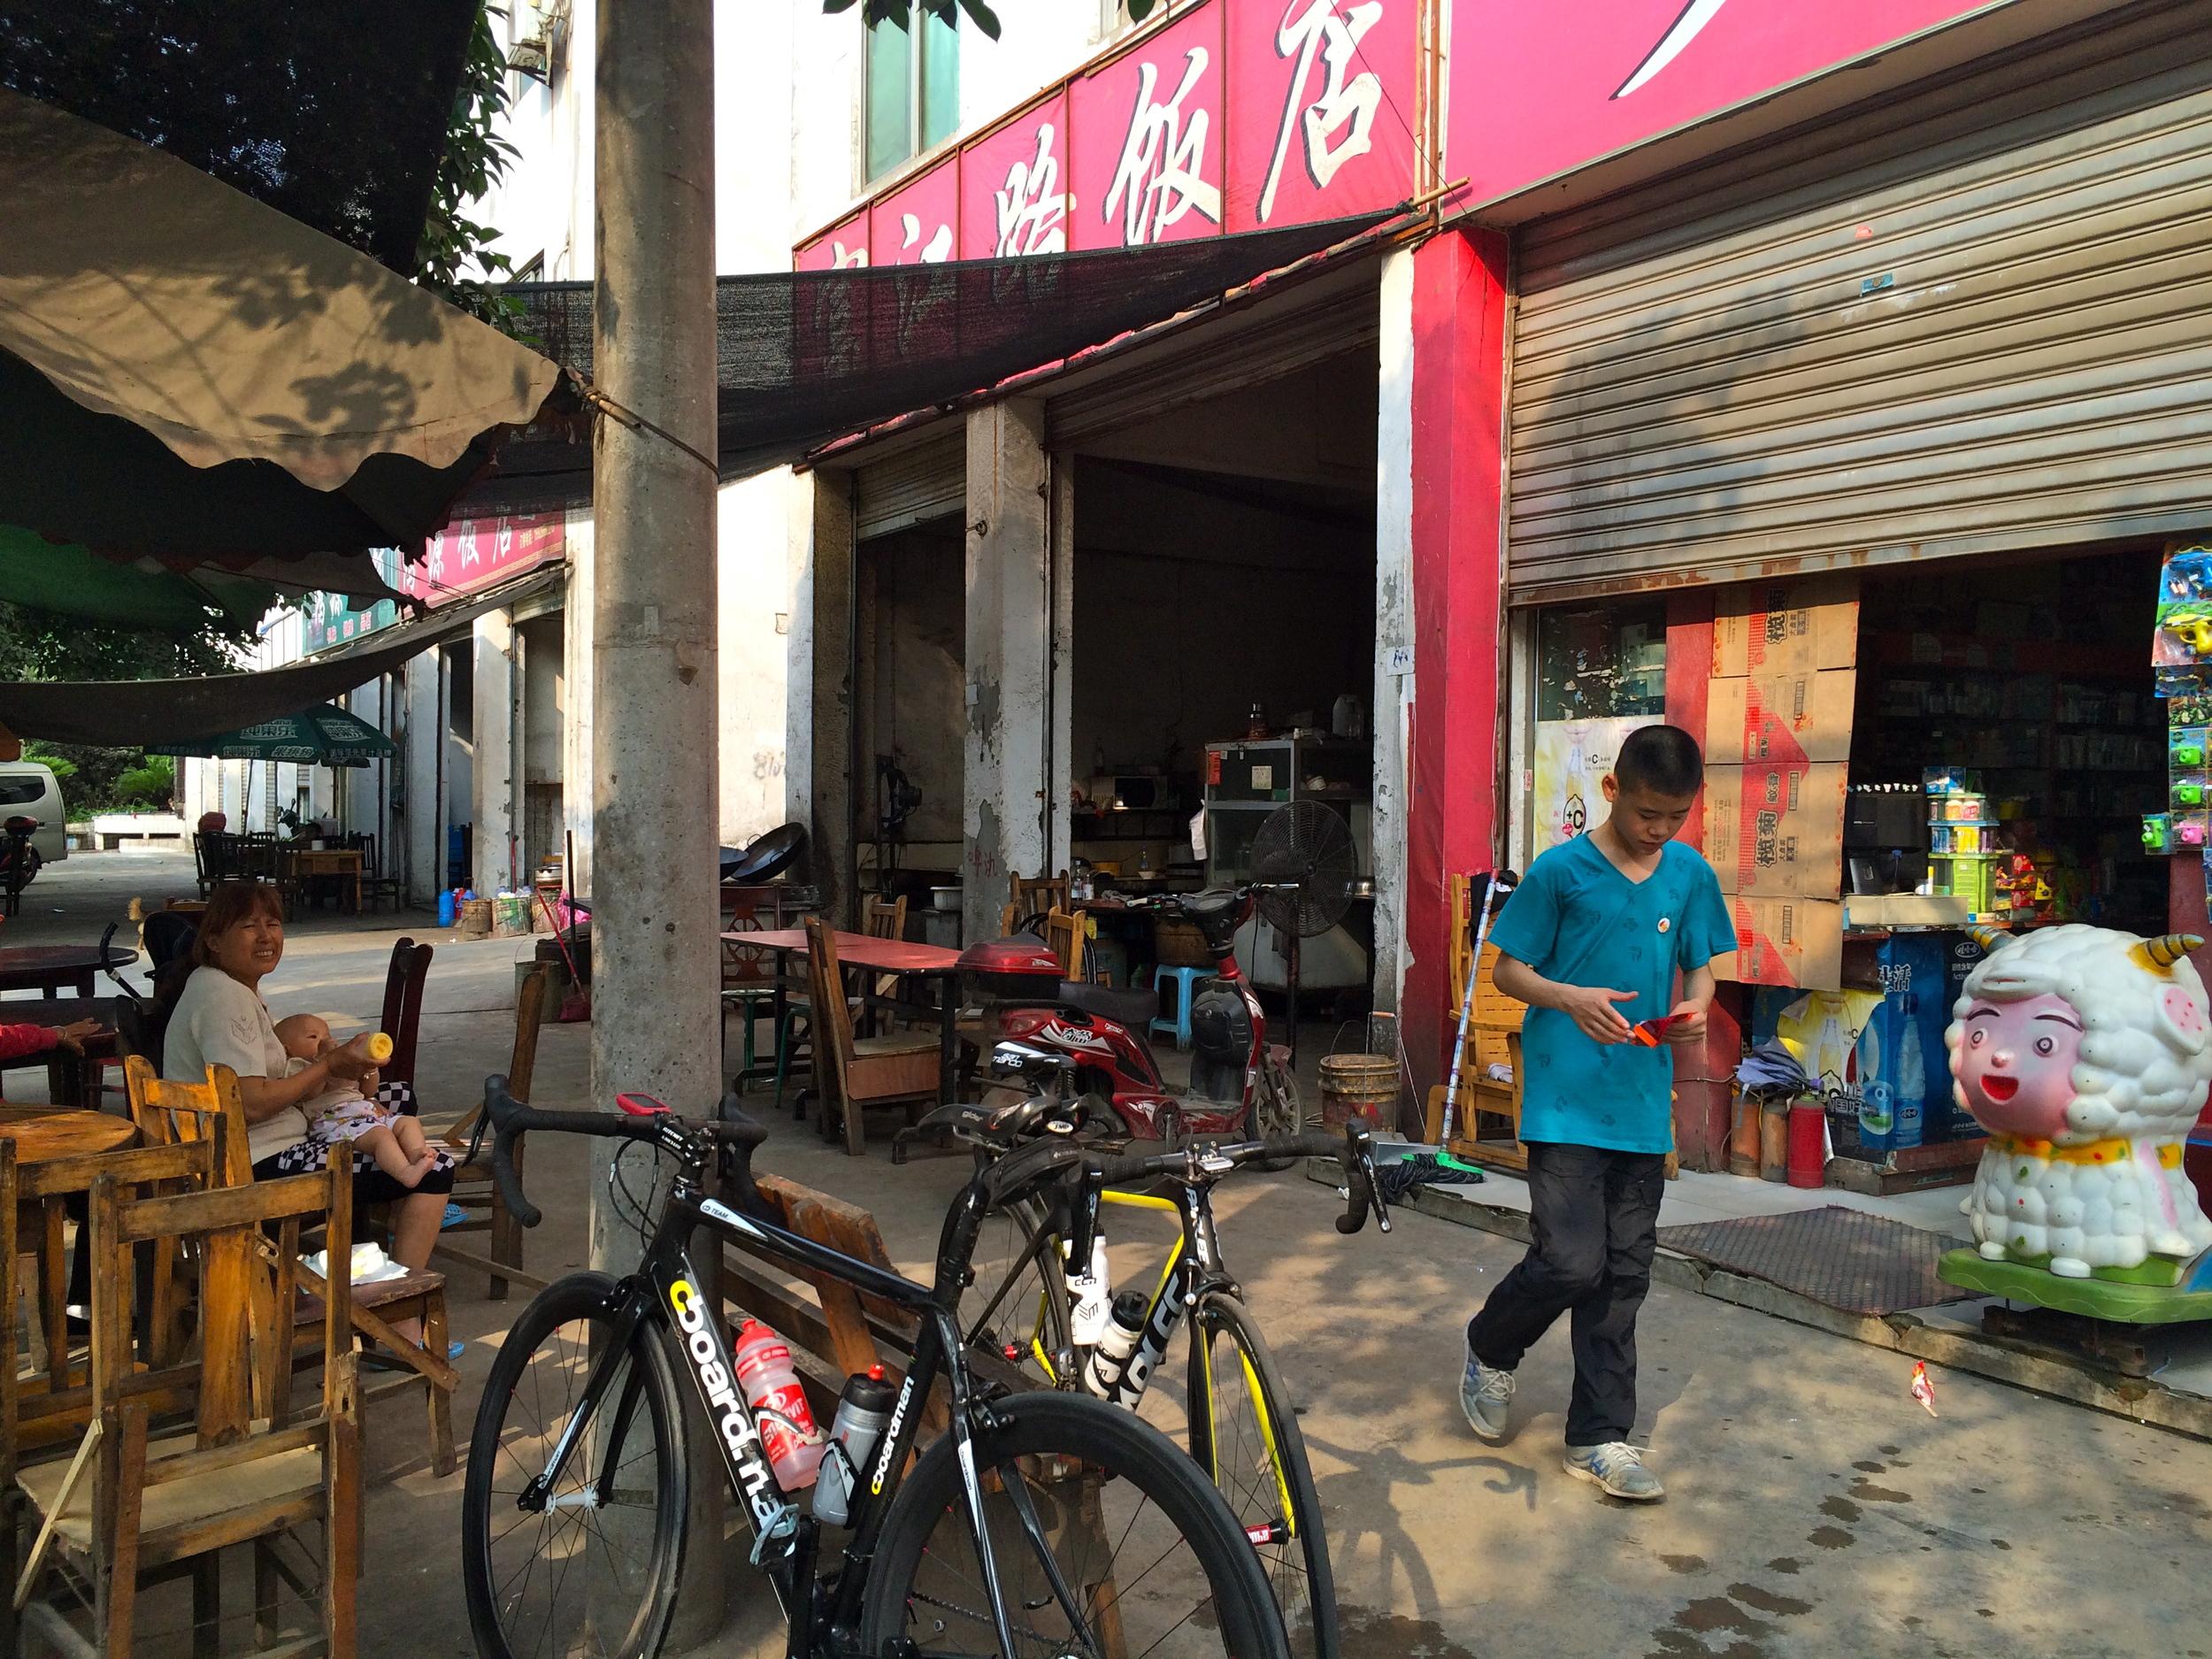 Our restaurant in Chengdu